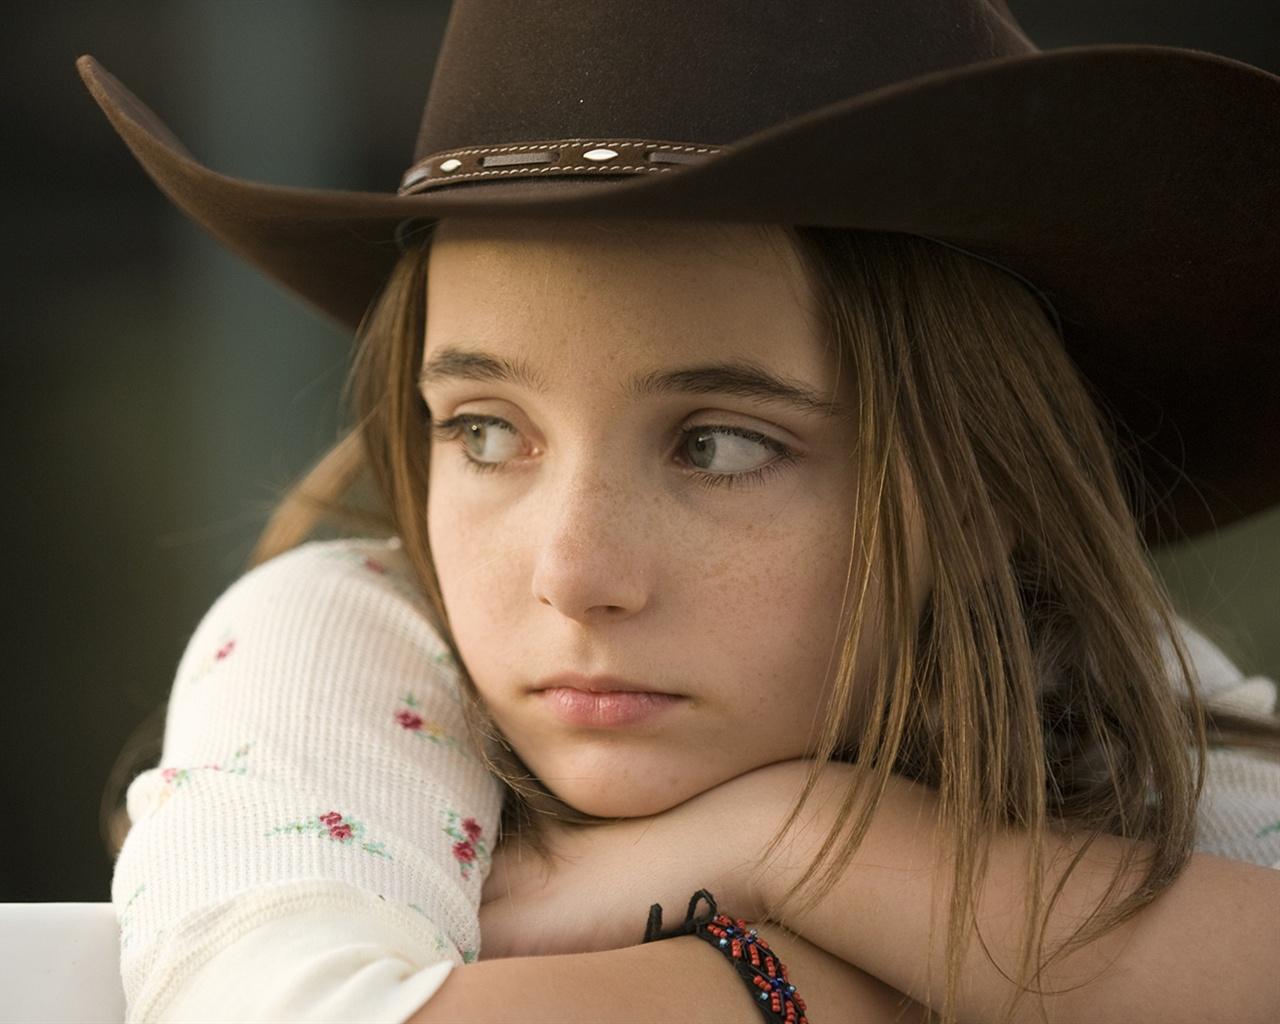 Sad little girl Wallpaper - 1280x1024